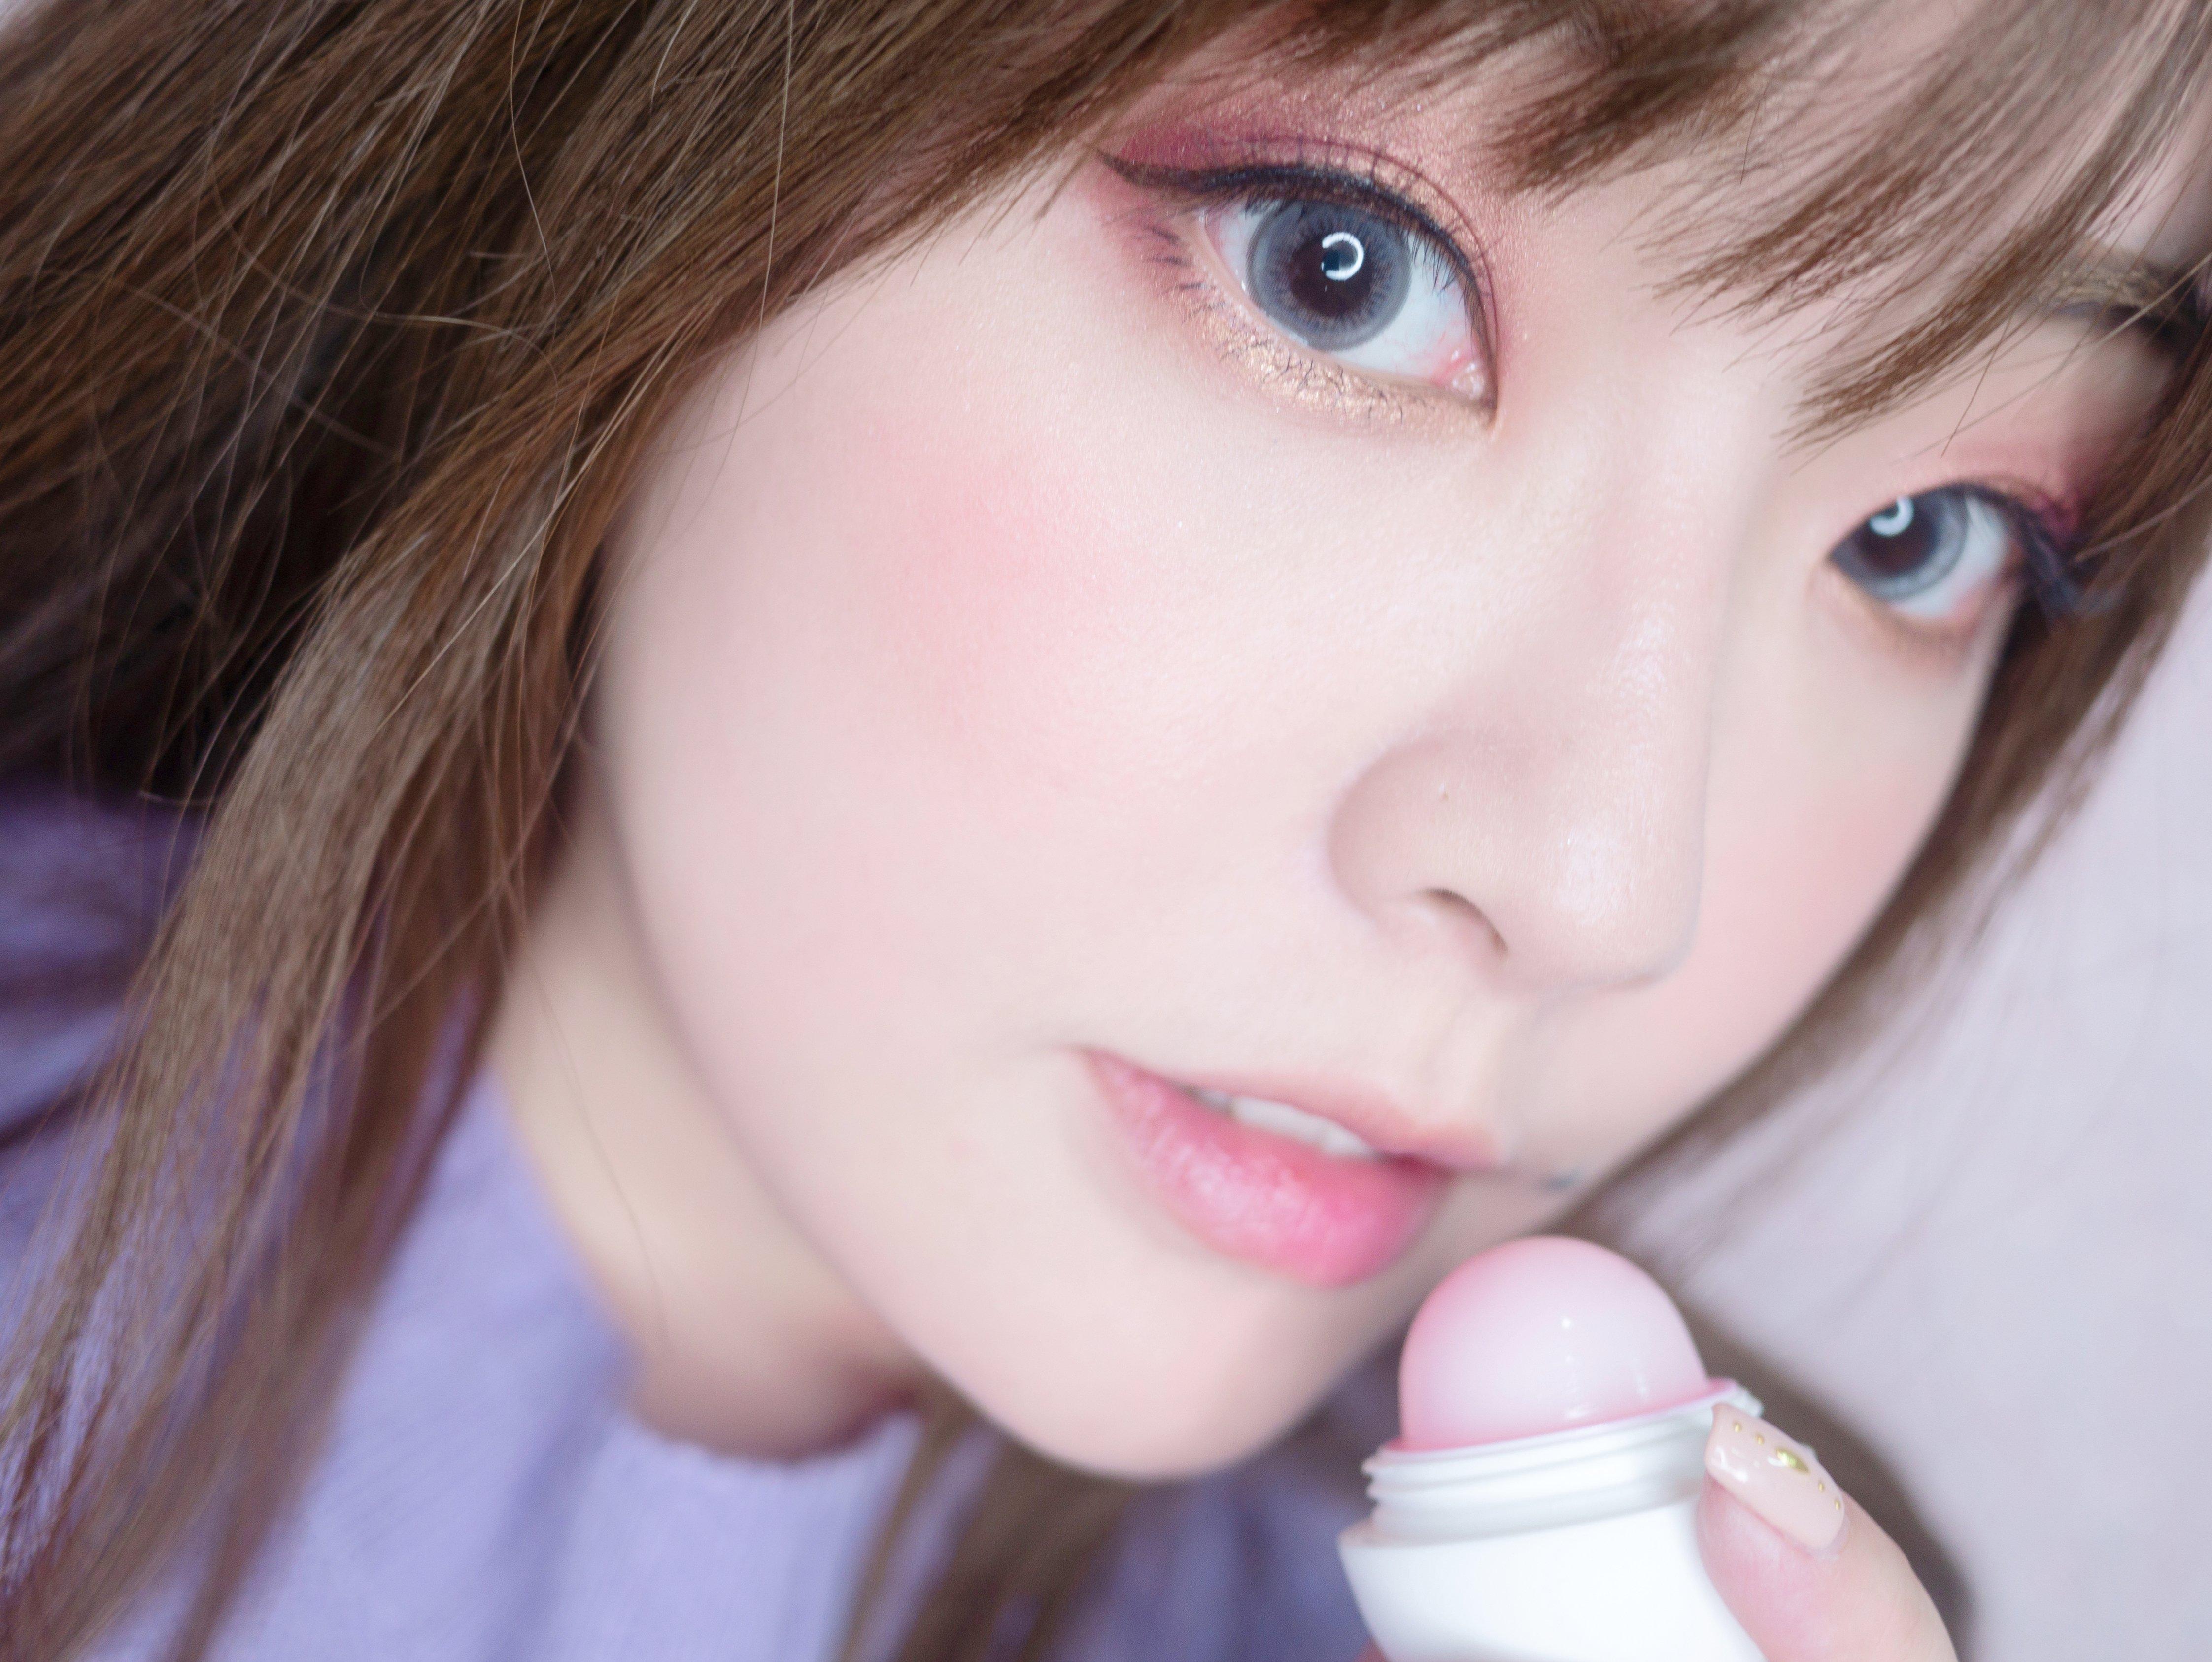 保養 ♥ 冬季護唇推薦 eos 萌萌小彩蛋。變色潤唇球+亮彩潤唇球 ♫